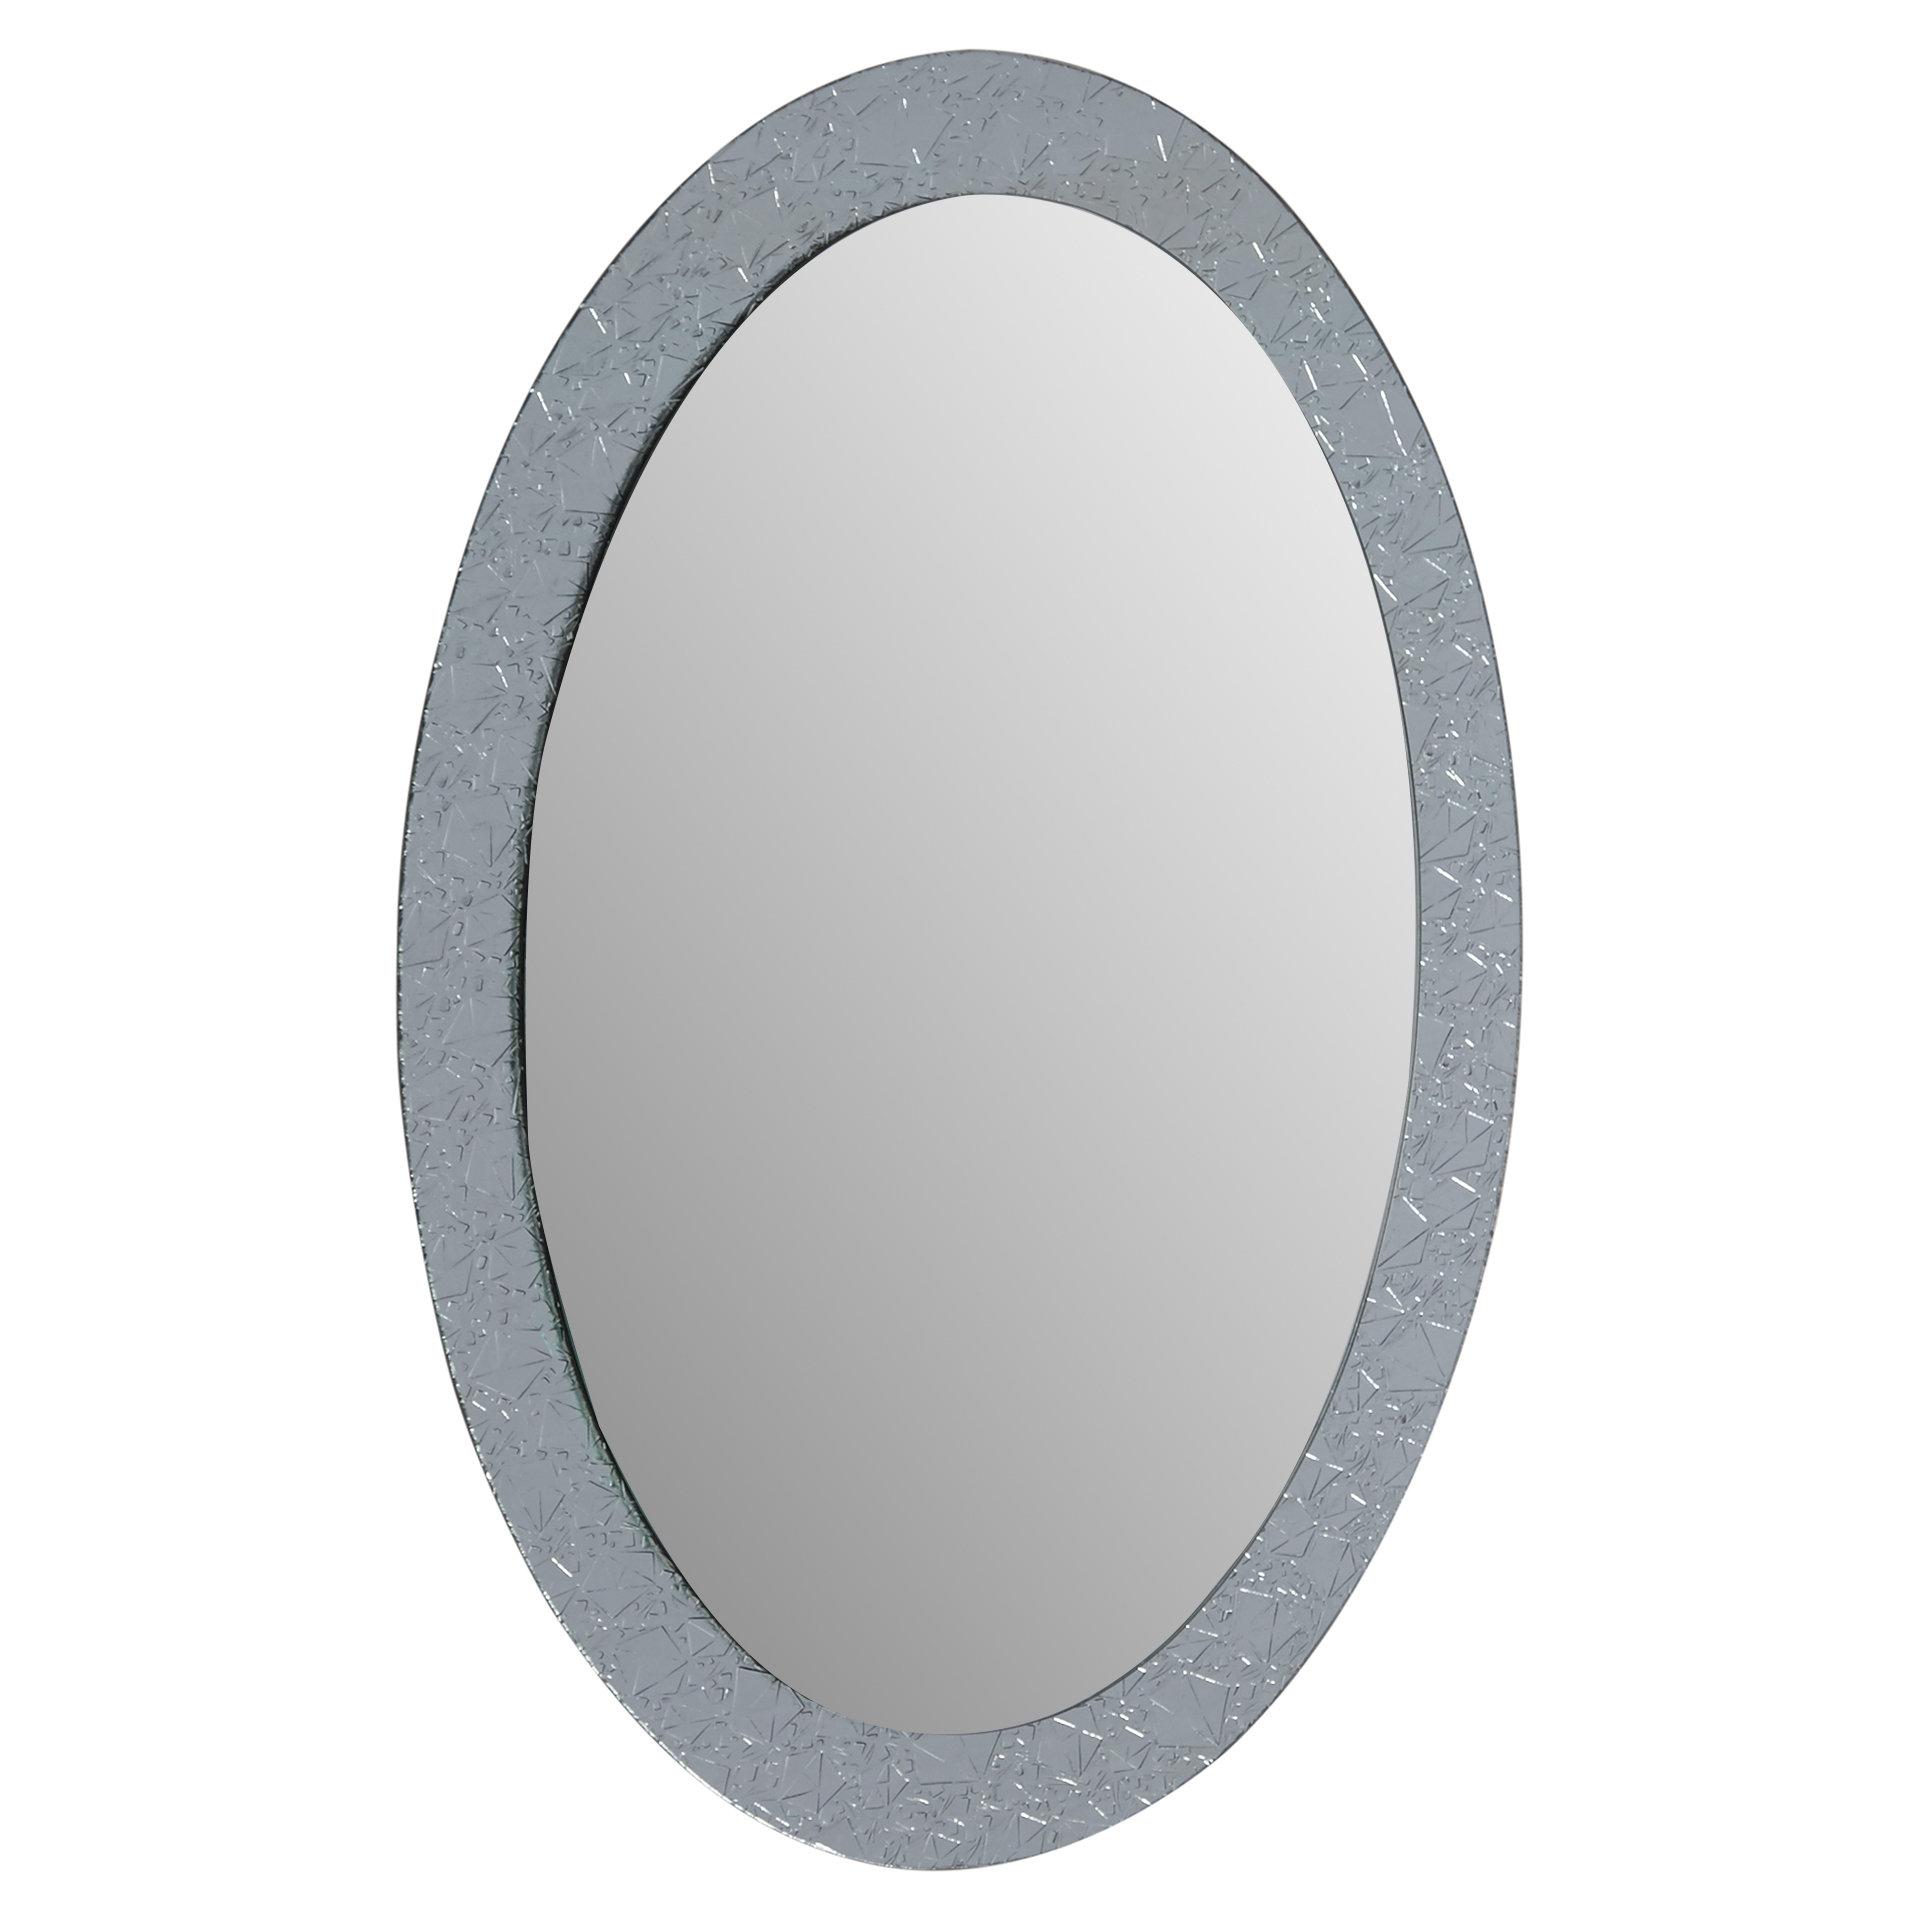 Willa Arlo Interiors Sajish Oval Crystal Wall Mirror With Sajish Oval Crystal Wall Mirrors (View 2 of 20)